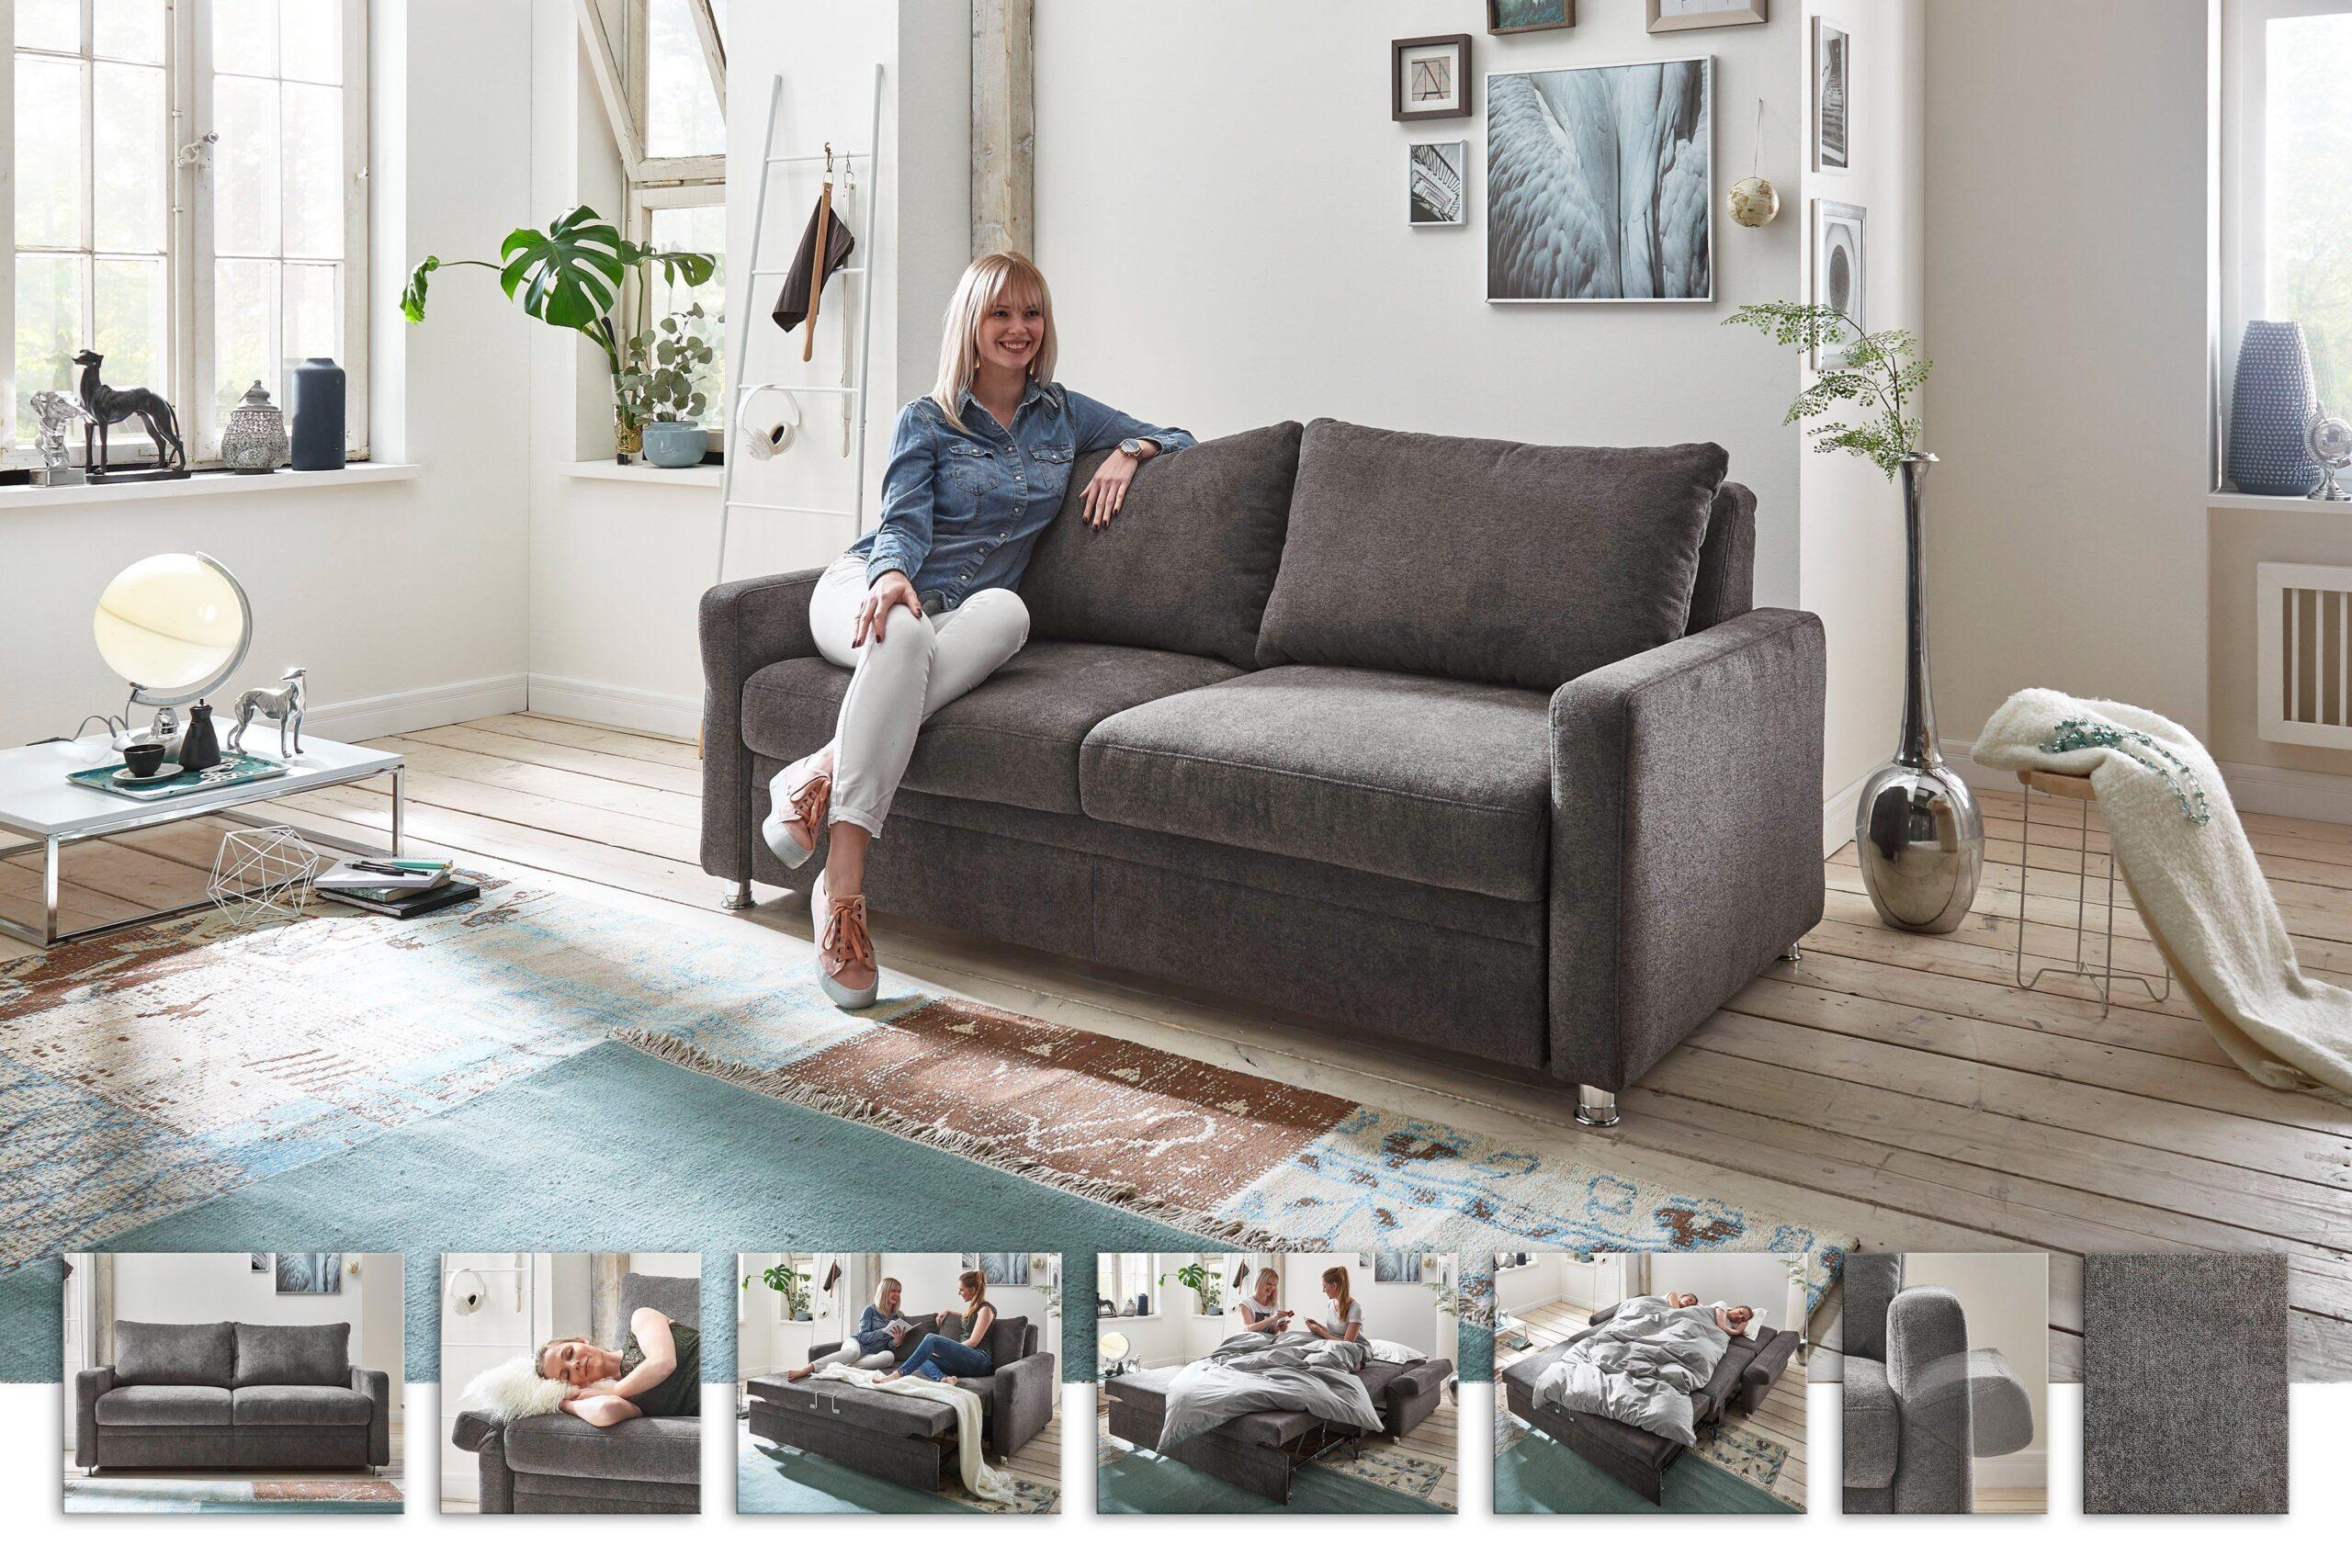 Full Size of Sofa Online Kaufen Megapol Polstermbel Platzda Couch Schwarz Mbel Letz Ihr Esszimmer Fenster In Polen Lila Gebrauchte Küche Franz Fertig 3 Sitzer Bad Sofa Sofa Online Kaufen